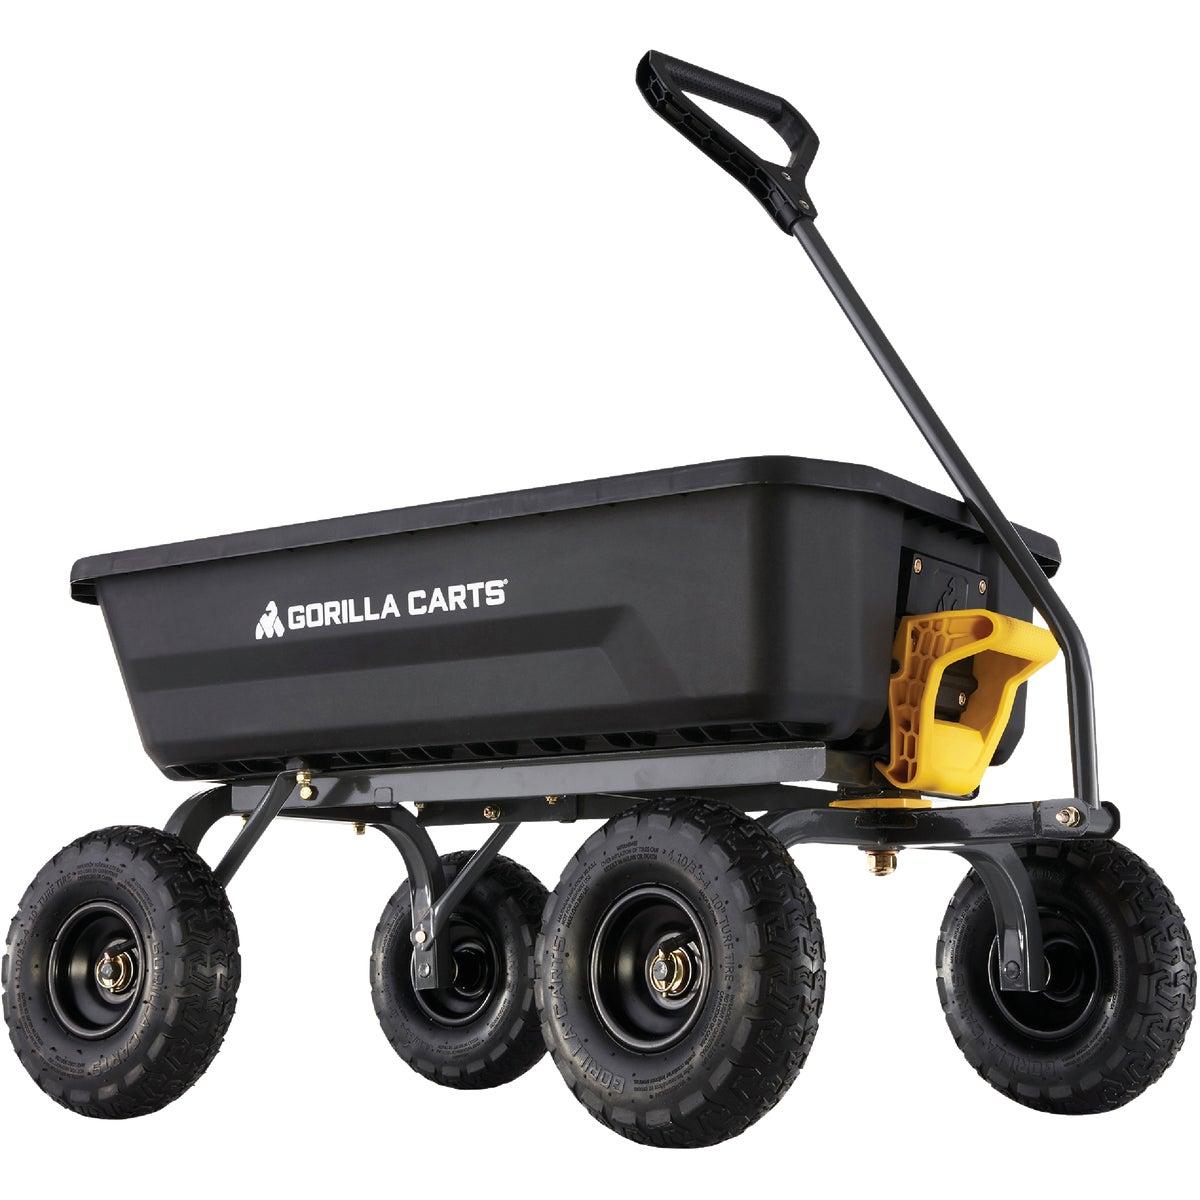 Gorilla Carts Garden Cart, GOR4PS